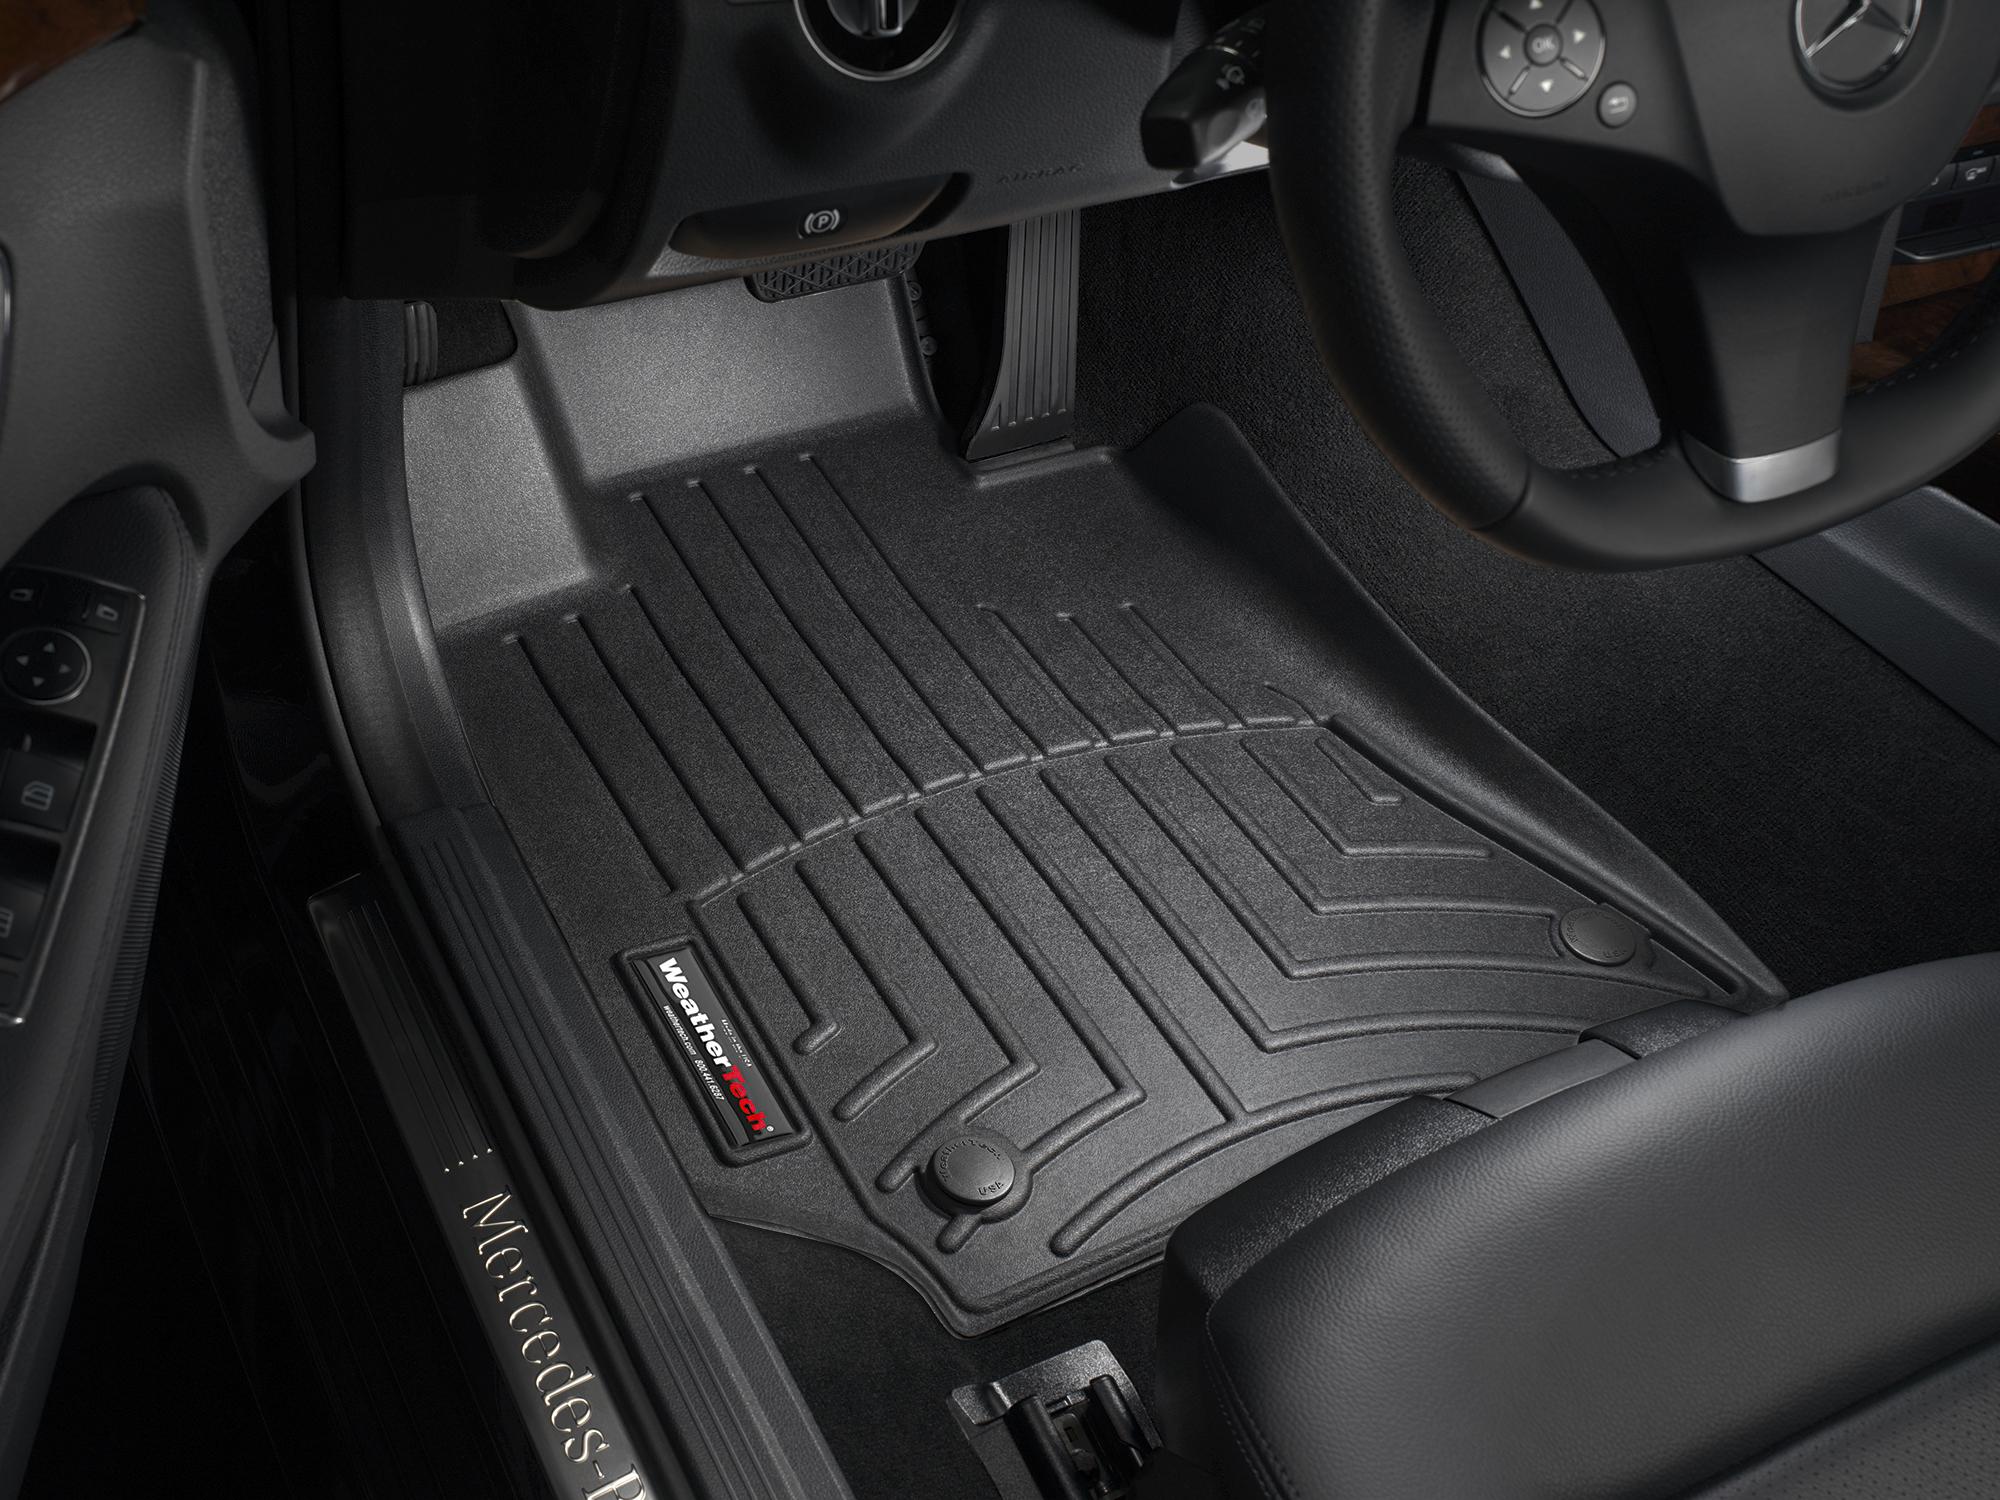 Tappeti gomma su misura bordo alto Mercedes CLS-Class 15>17 Nero A2343*